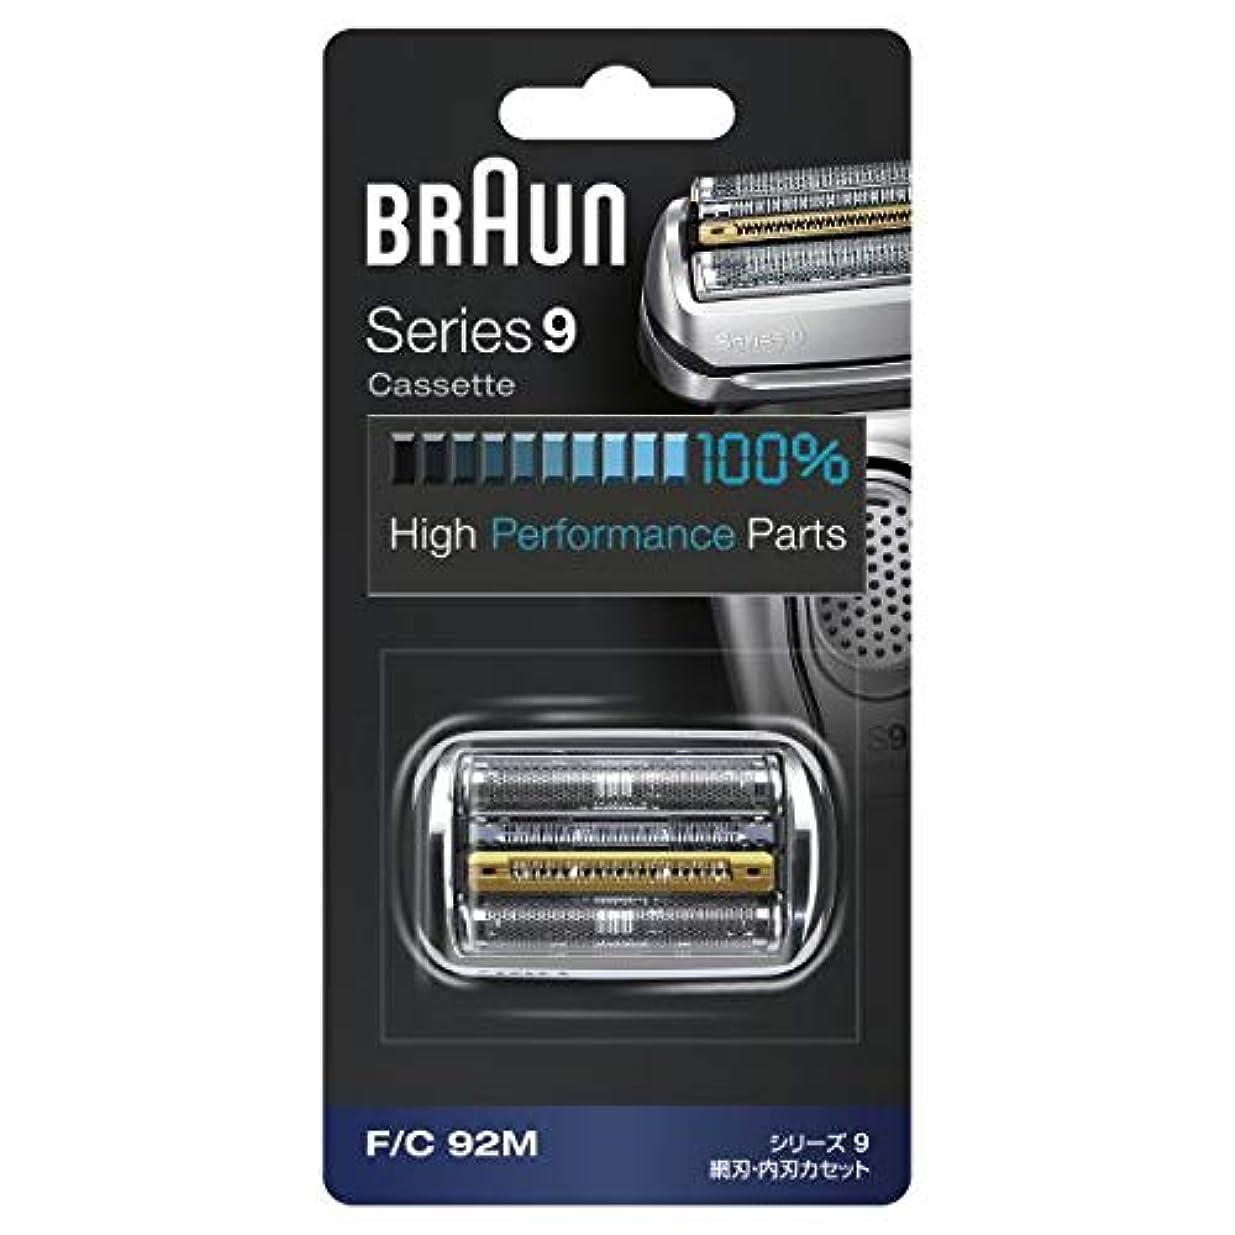 起きる遺伝的優越ブラウン メンズ電気シェーバー シリーズ9 替刃 F/C92M F/C92M